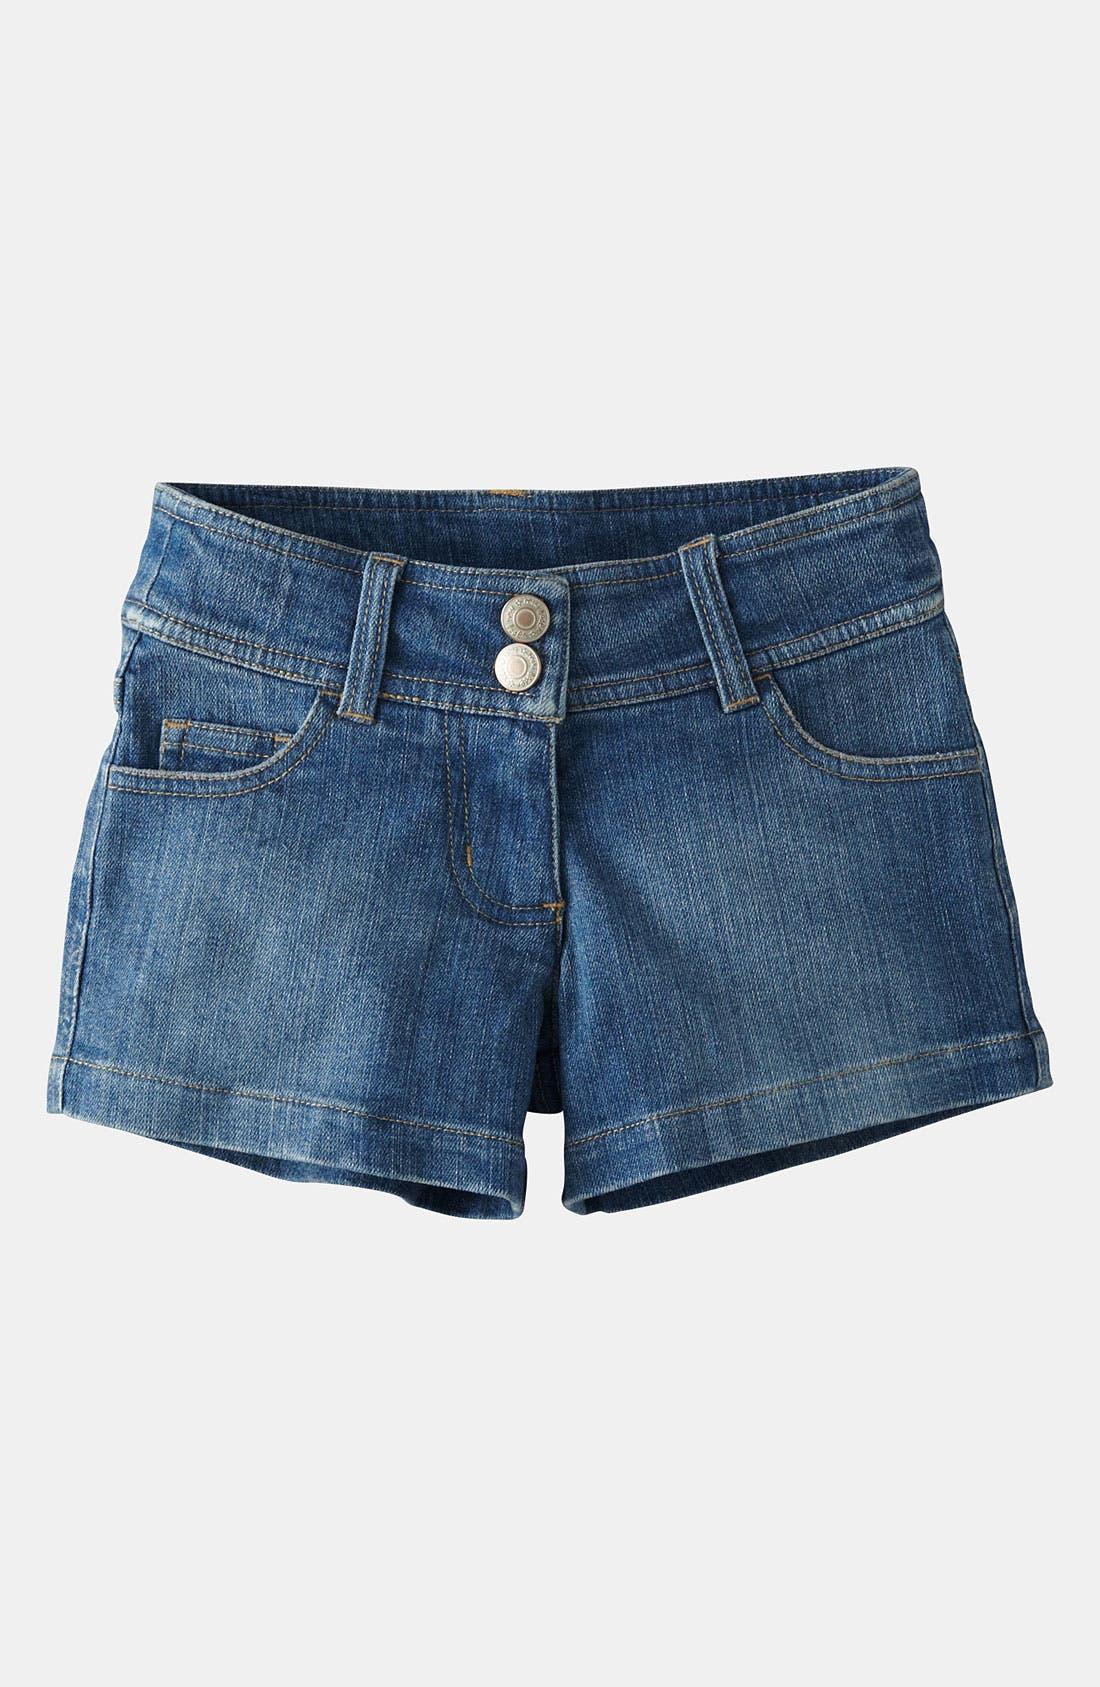 Alternate Image 1 Selected - Mini Boden 'Heart Pocket' Denim Shorts (Toddler, Little Girls & Big Girls)